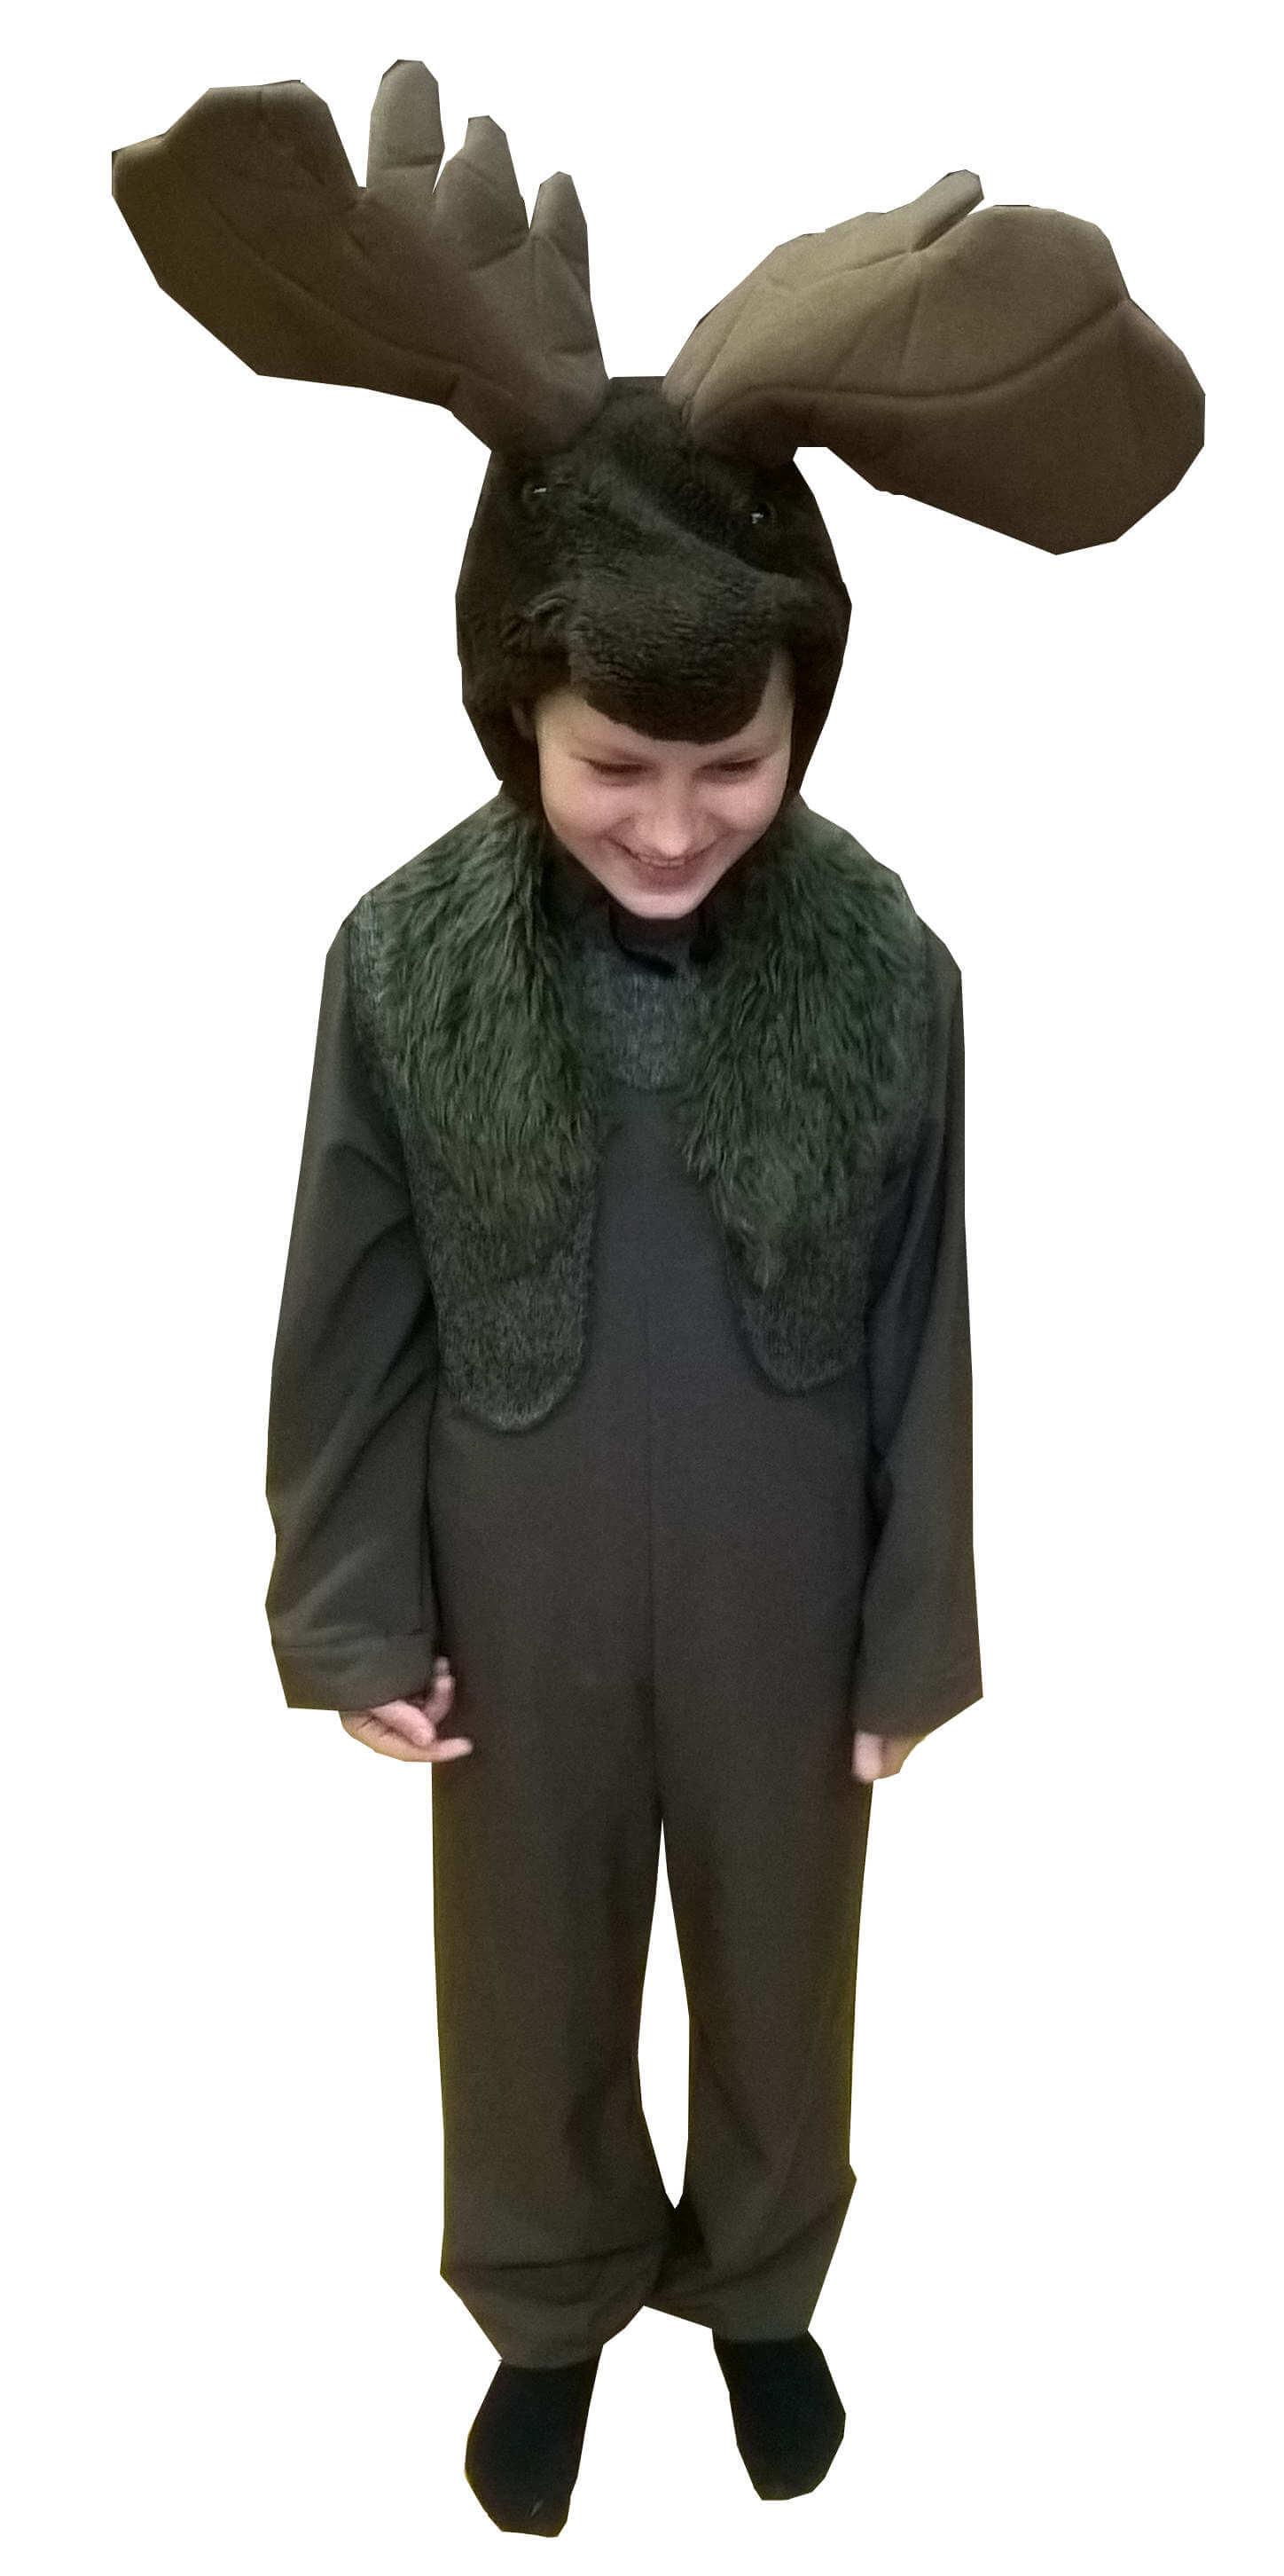 костюм лося. Elnio kostiumas. Gyvunų karnavaliniai kostiumai. Karnavaliniu kostiumu nuoma vaikams Vilniuje - pasakunamai.lt